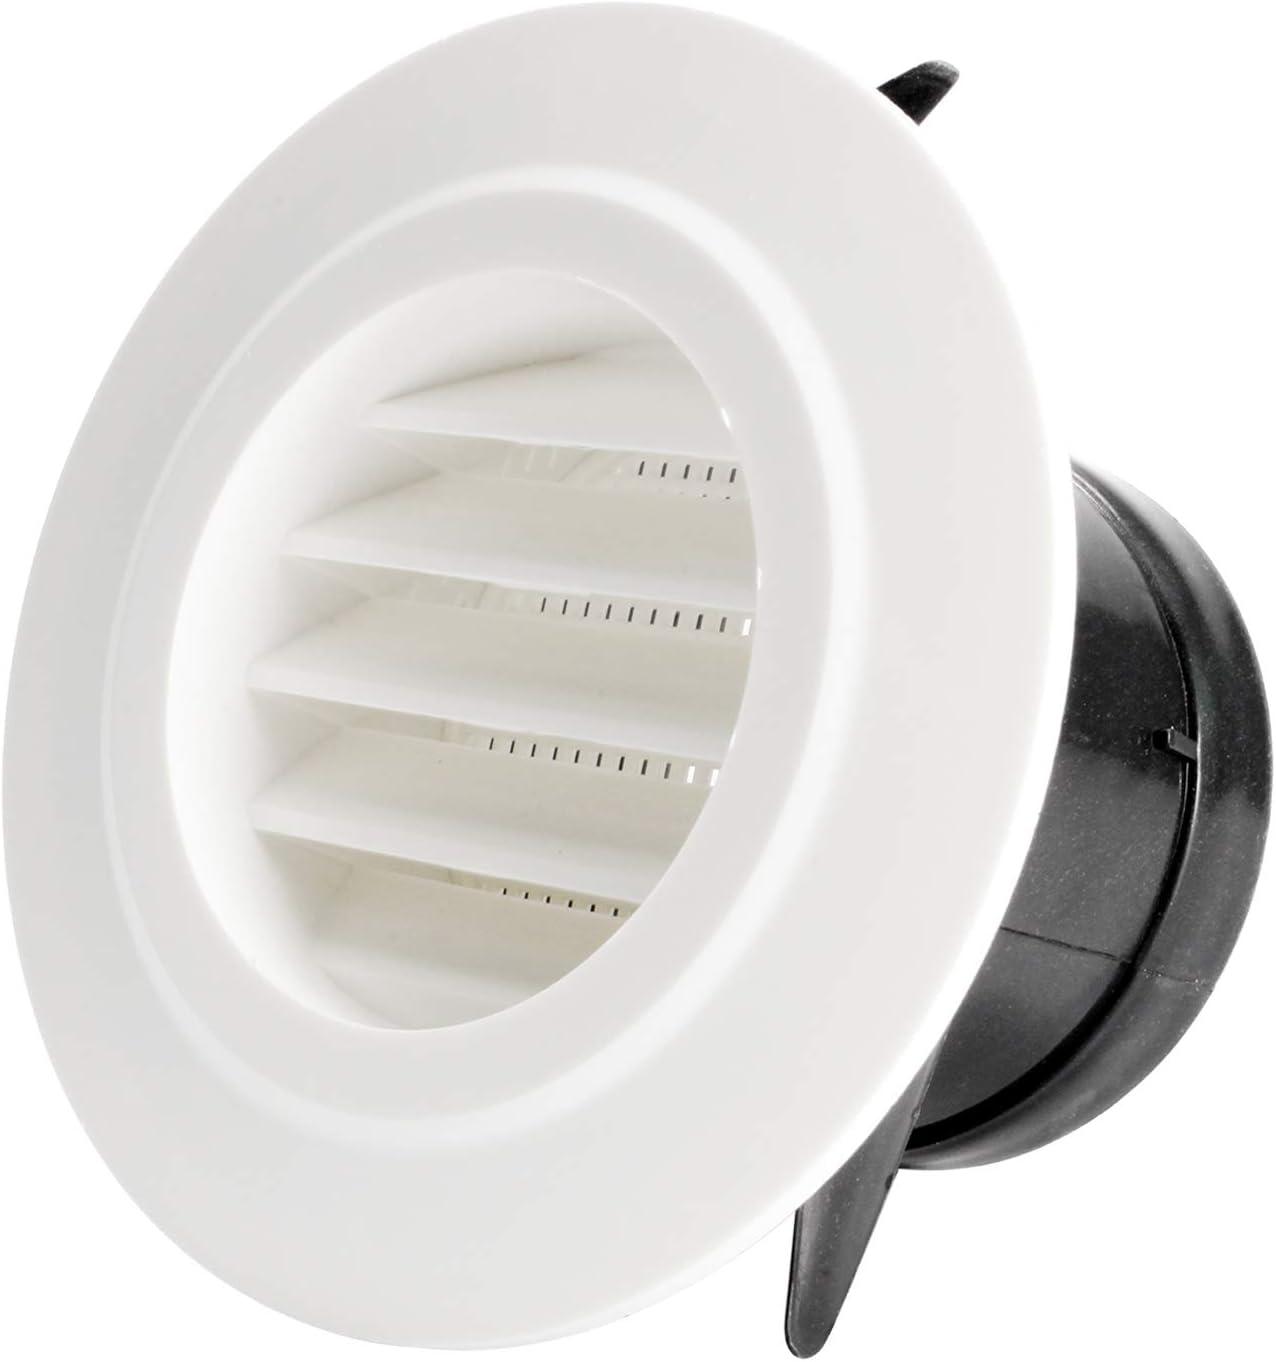 Hon&Guan Ronda Rejilla de Ventilación ABS con Protección Contra Insectos, Respiraderos de Láminas para Baño Habitación Oficina (ø75mm): Amazon.es: Bricolaje y herramientas